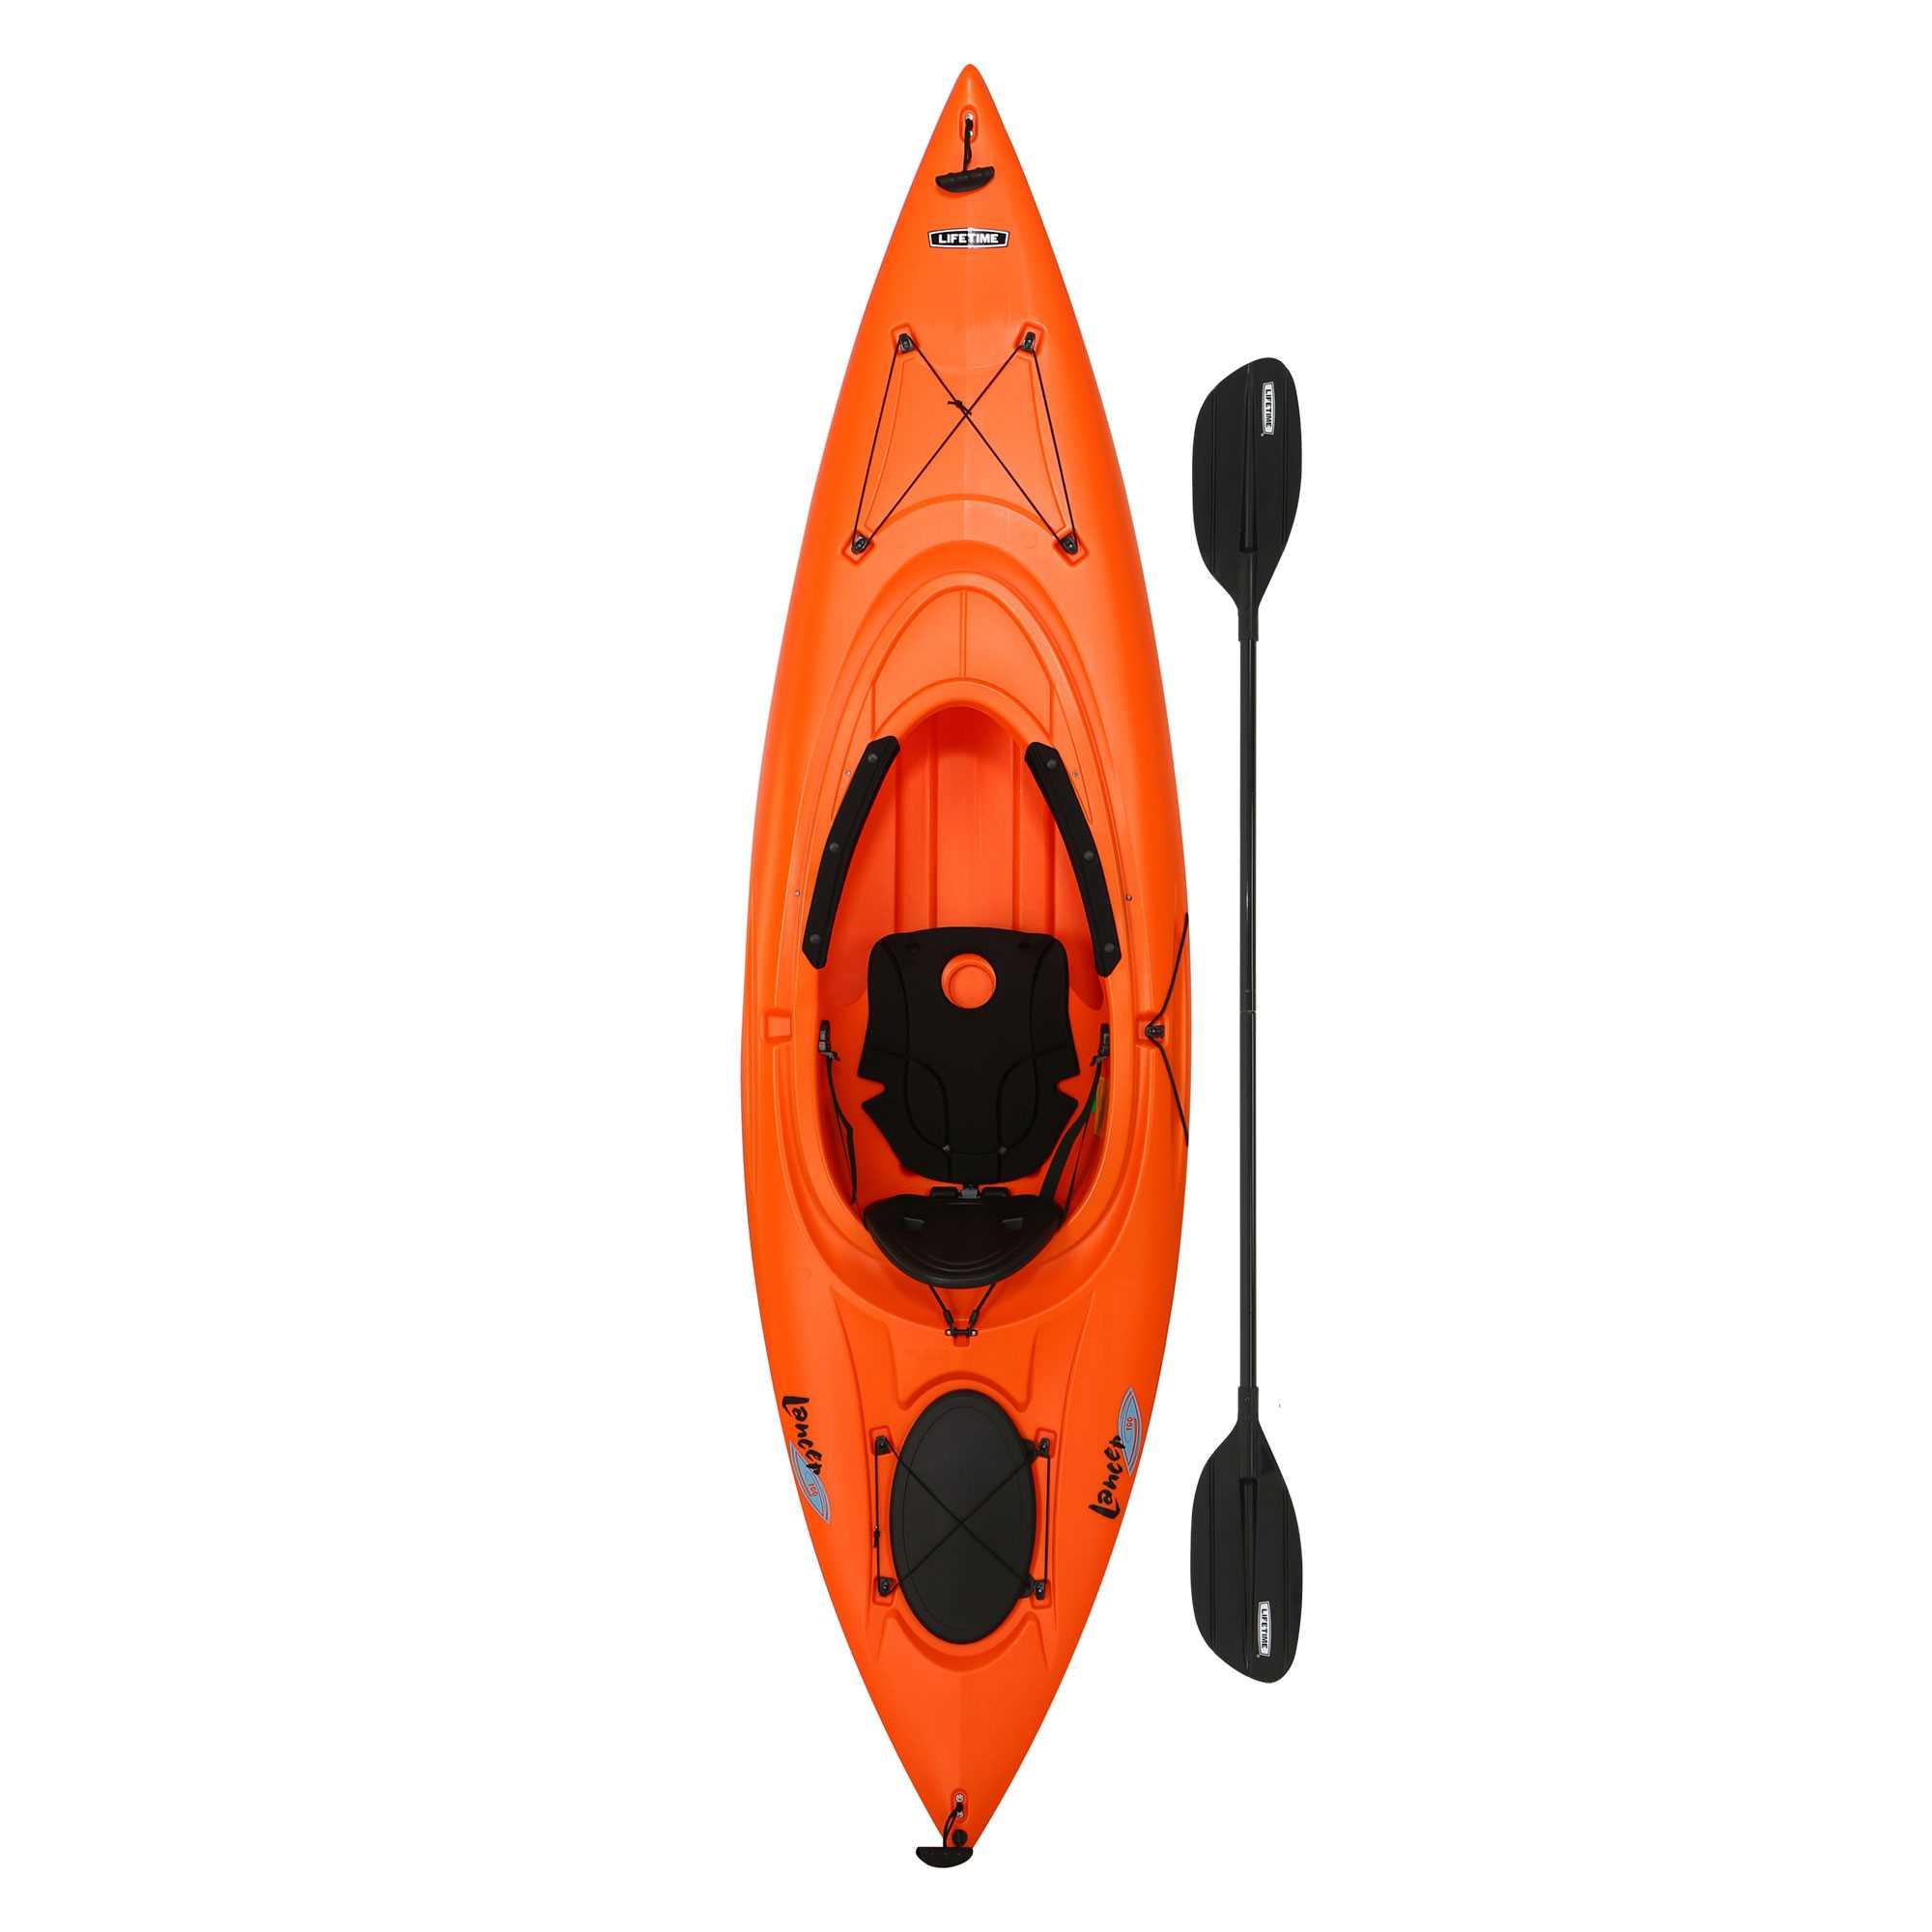 Lifetime Kayaks: Daylite 80 $164, Tahoma 100 $163, Lancer 100